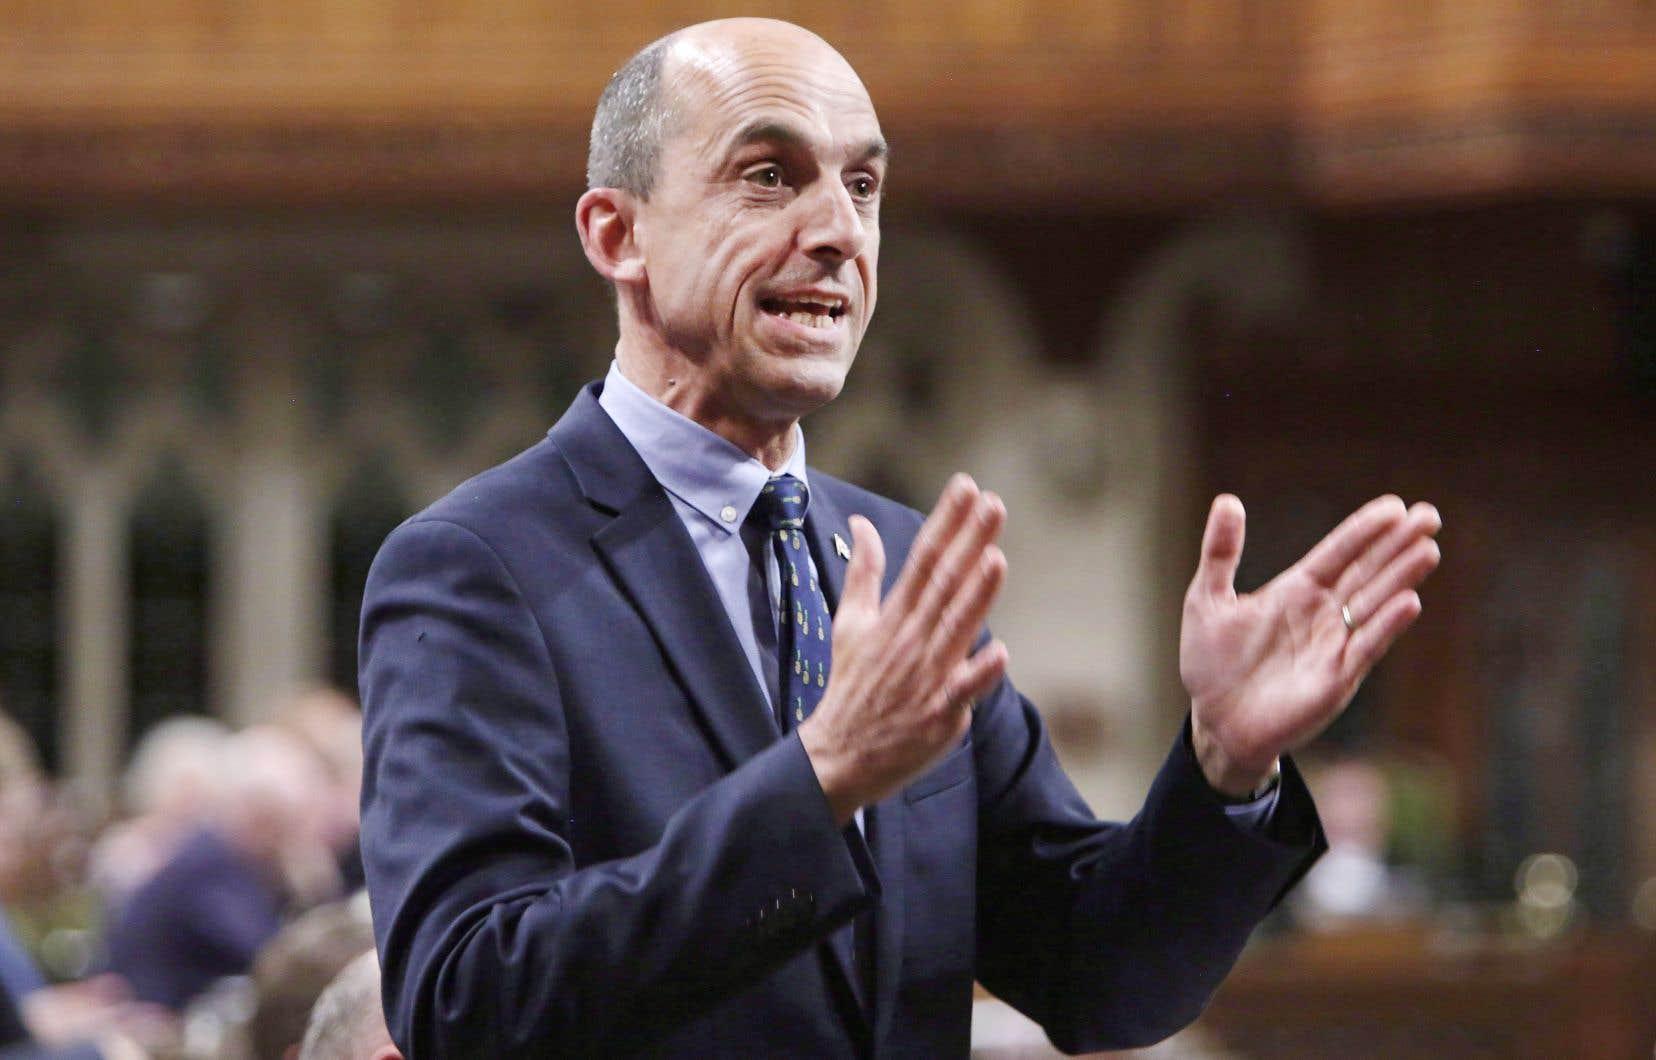 Steven Blaney jouit d'une grande notoriété dans sa circonscription de Bellechasse–Les Etchemins–Lévis, qu'il représente à la Chambre des communes depuis 2006. Il a été élu avec 50% des voix en 2019.